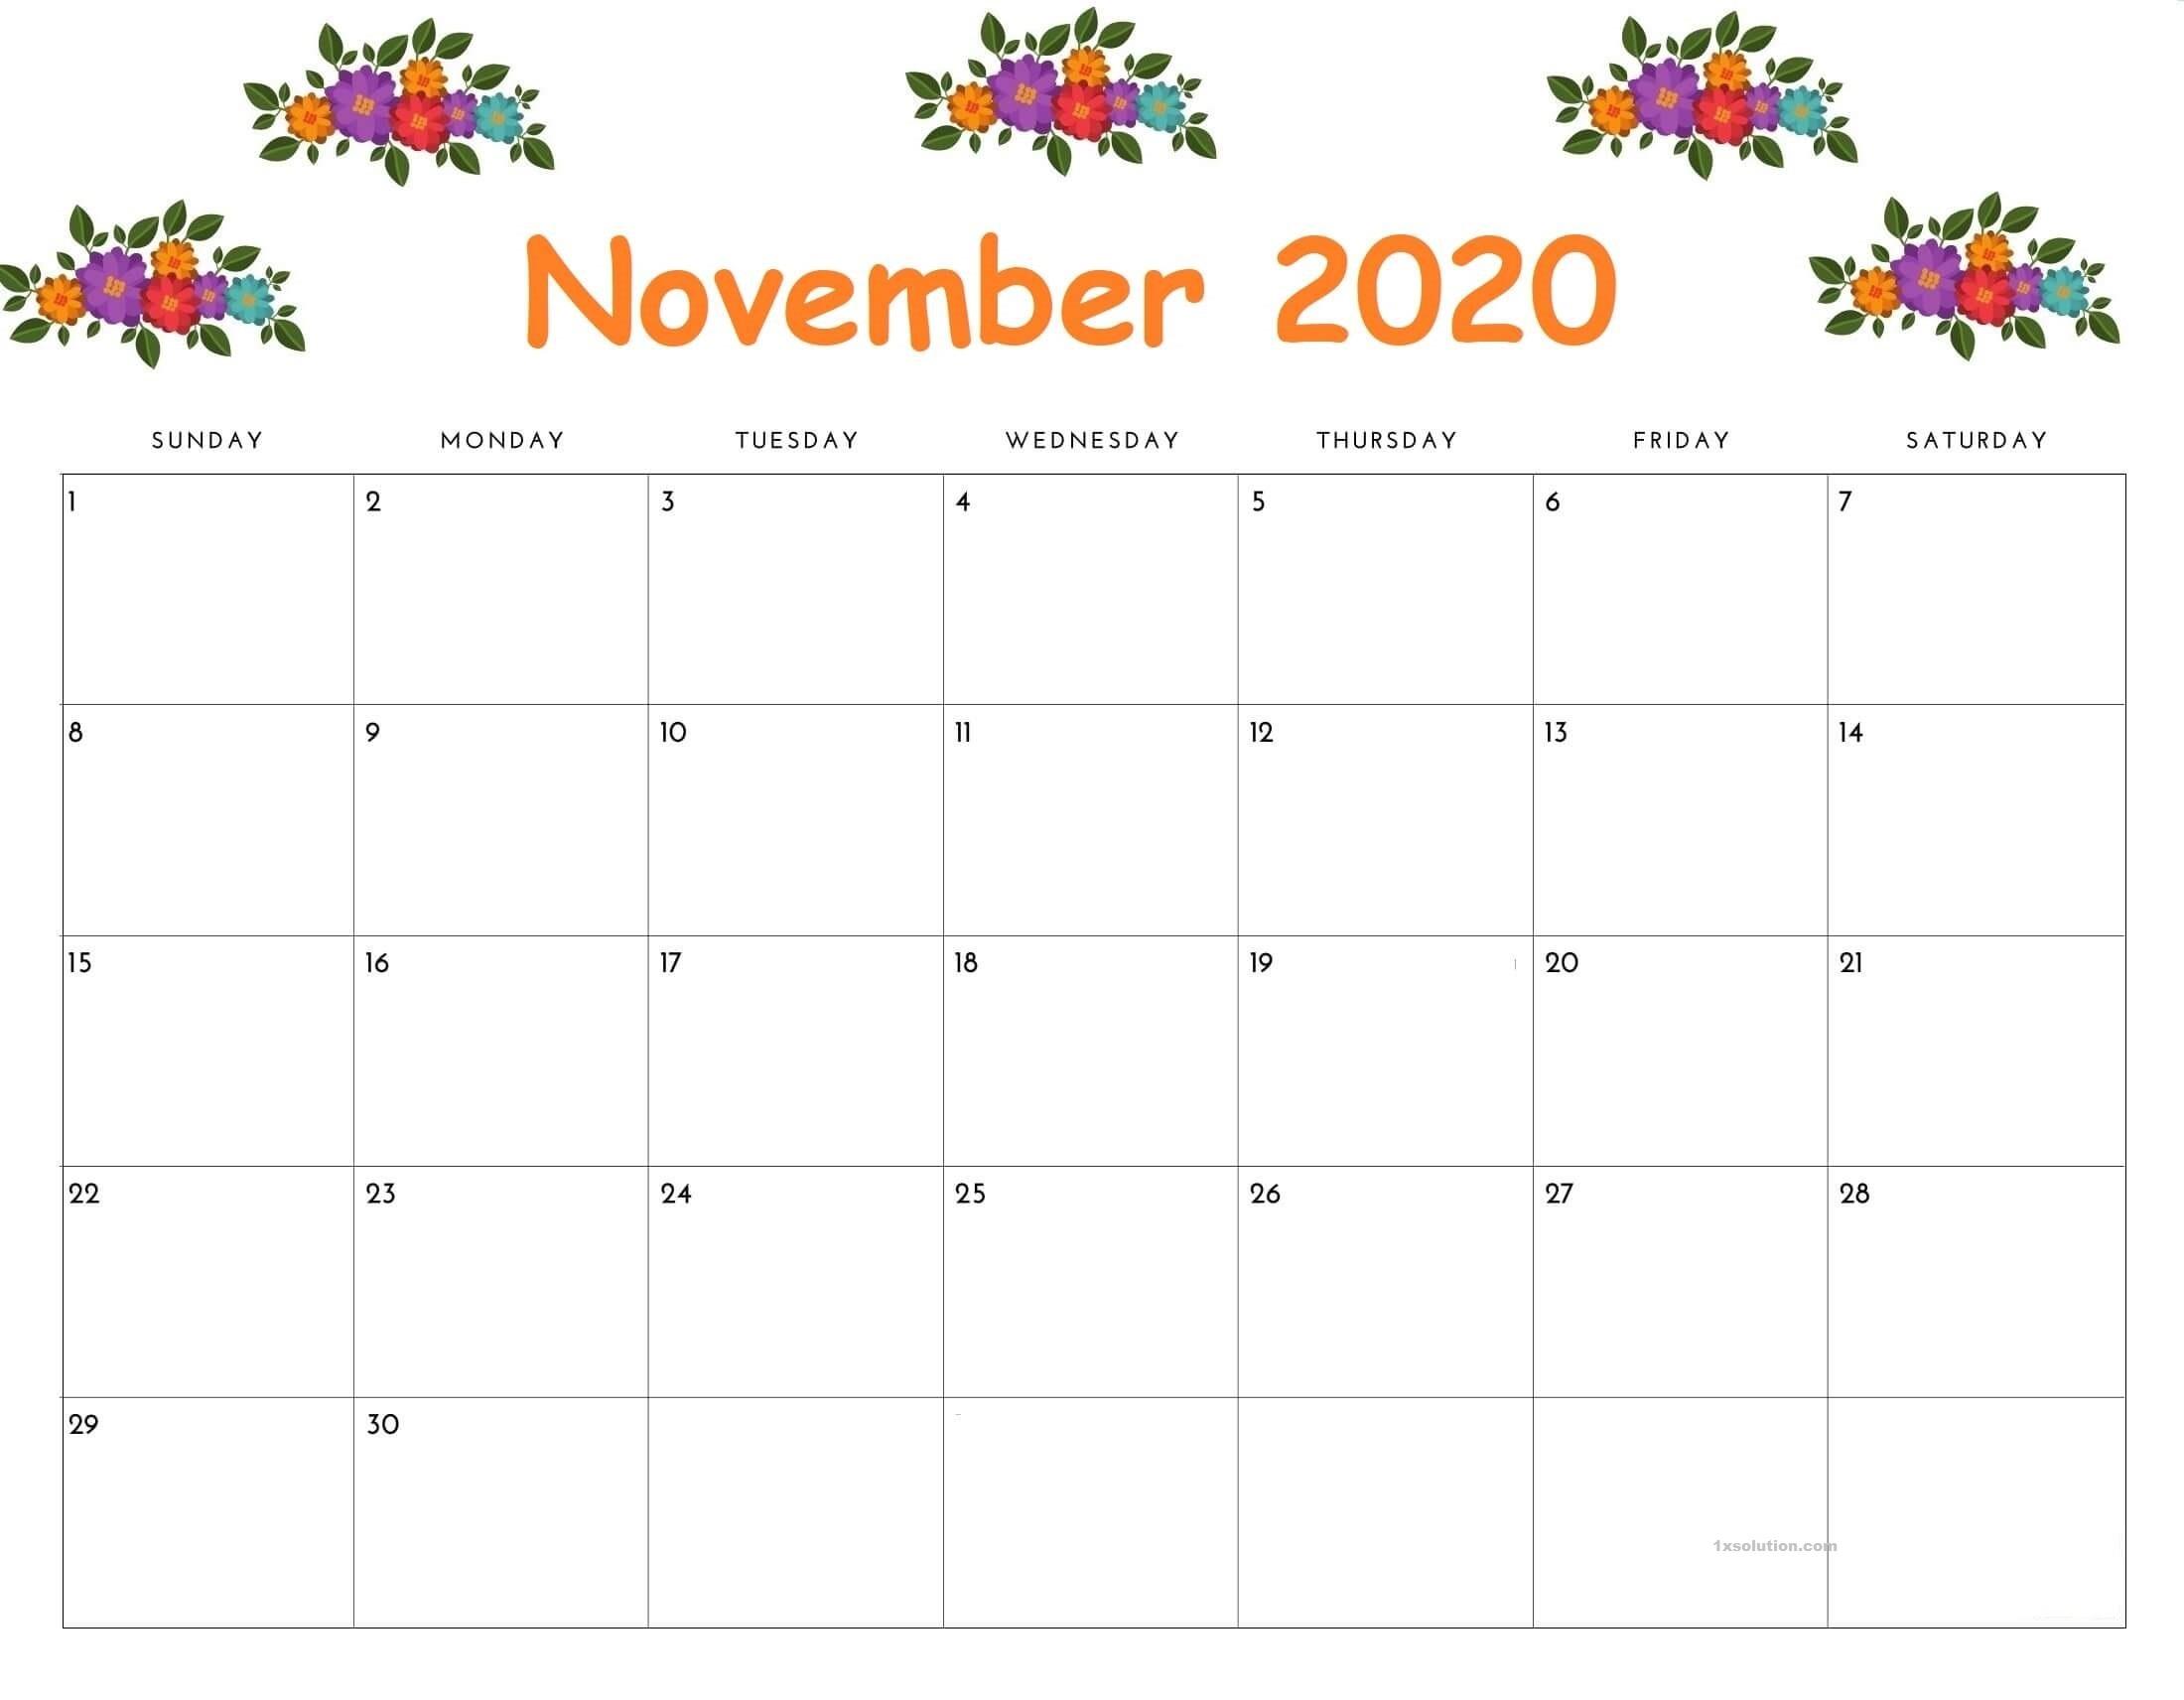 November 2020 Calendar Planner